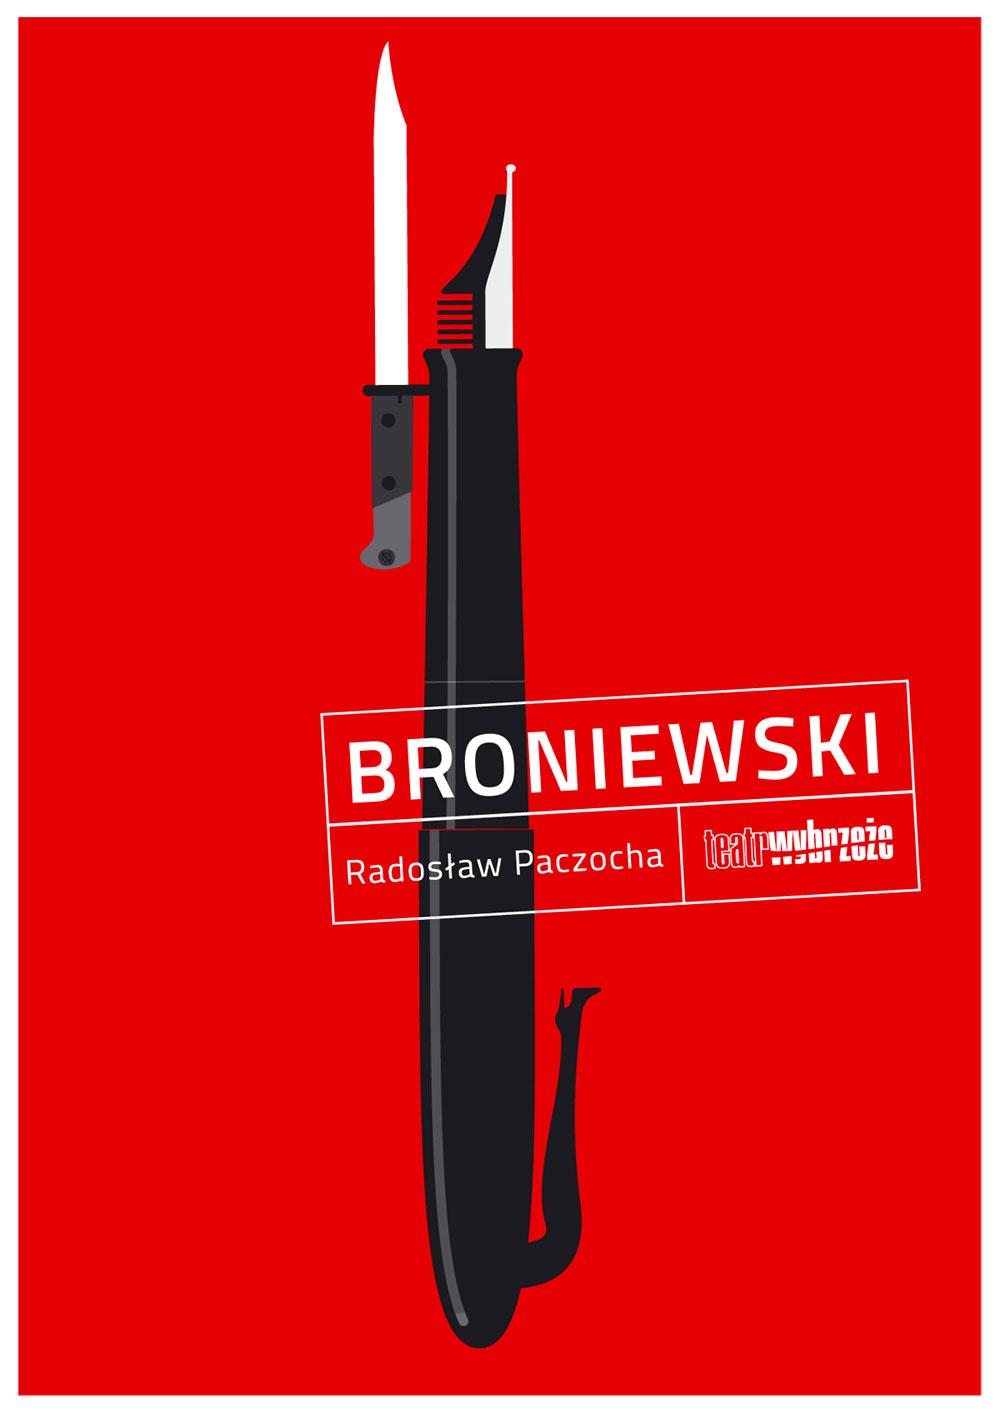 Autor: Mirosław Adamczyk, premiera: Duża Scena, 27 czerwca 2014